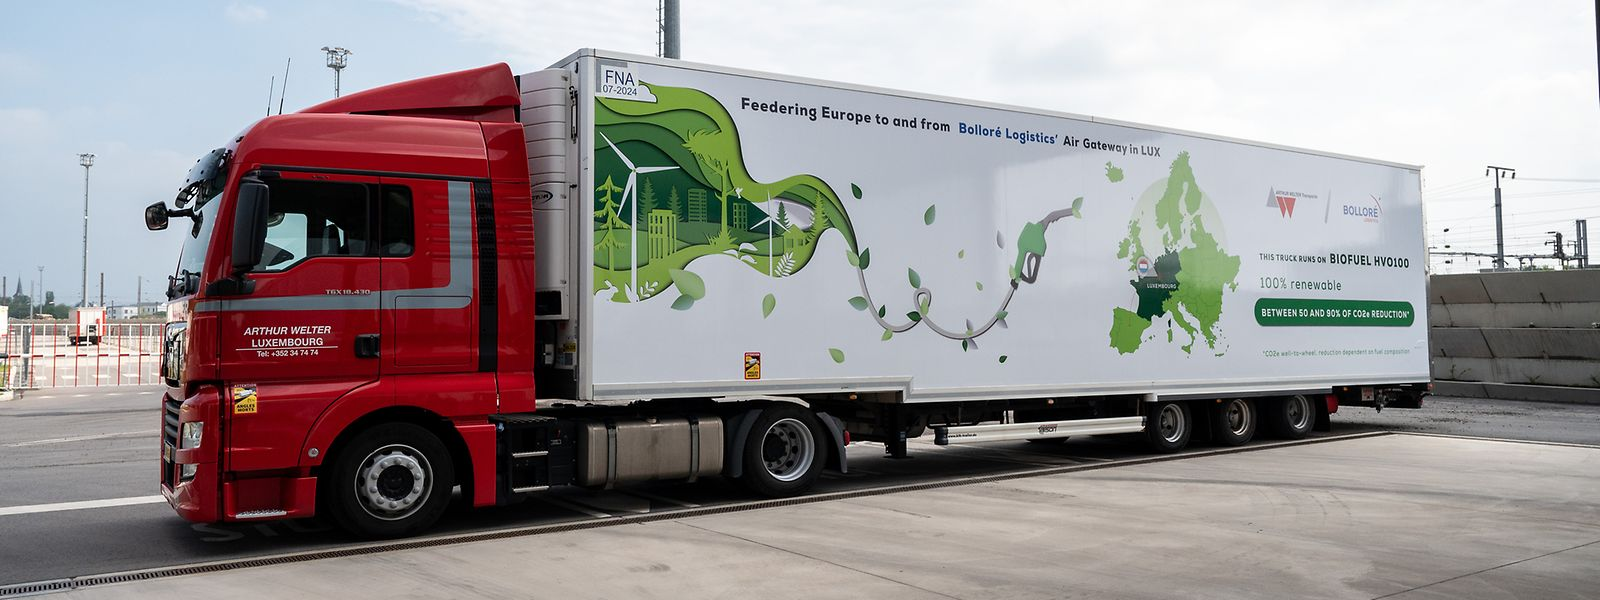 Der erste Lastwagen in Luxemburg, der hundert Prozent mit Biodiesel betankt wird - und damit rund 90 Prozent weniger CO2 produziert.